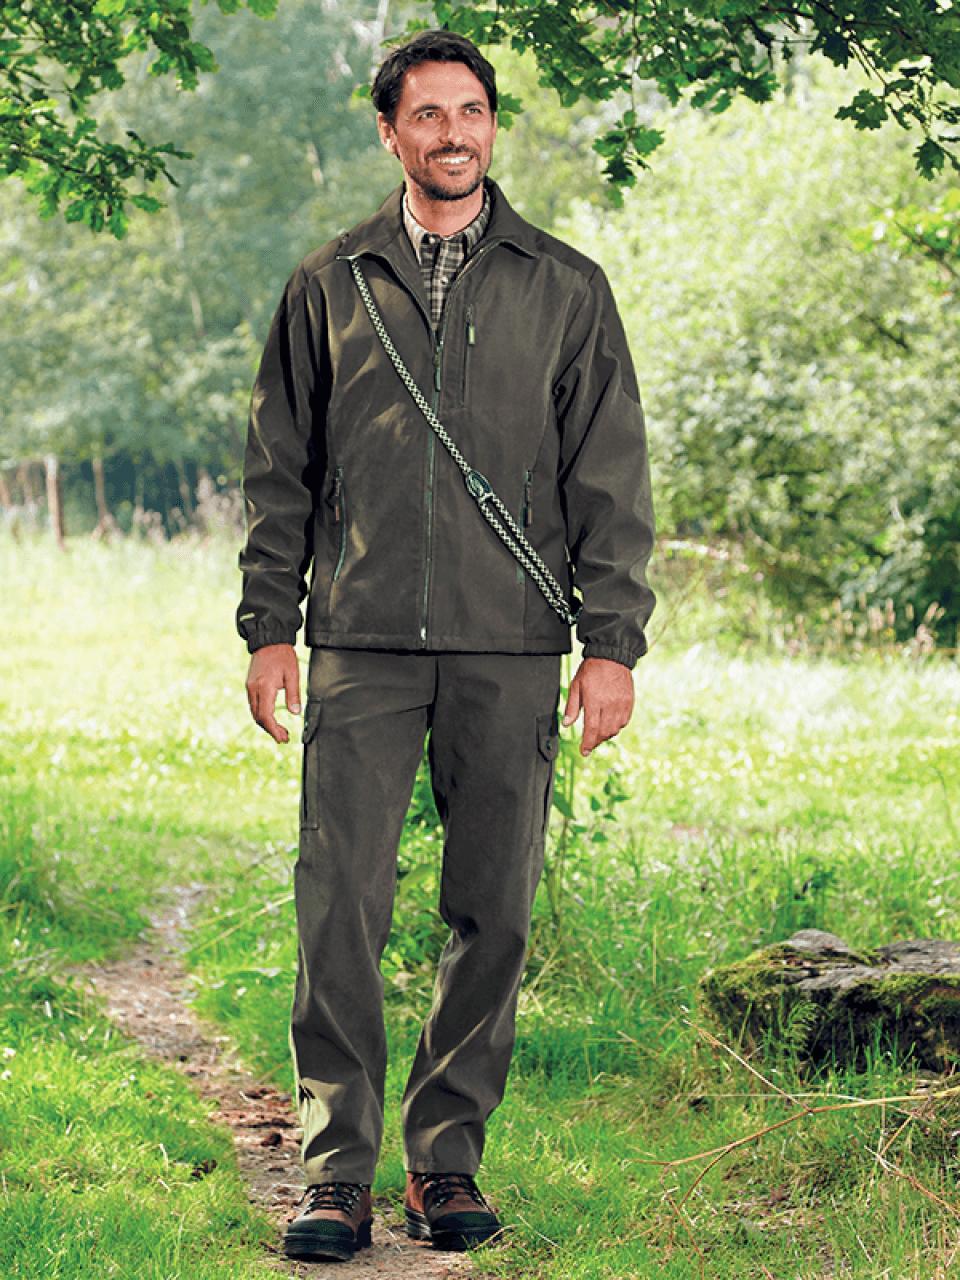 membránová bunda Ralon outdoorové oblečenie ext